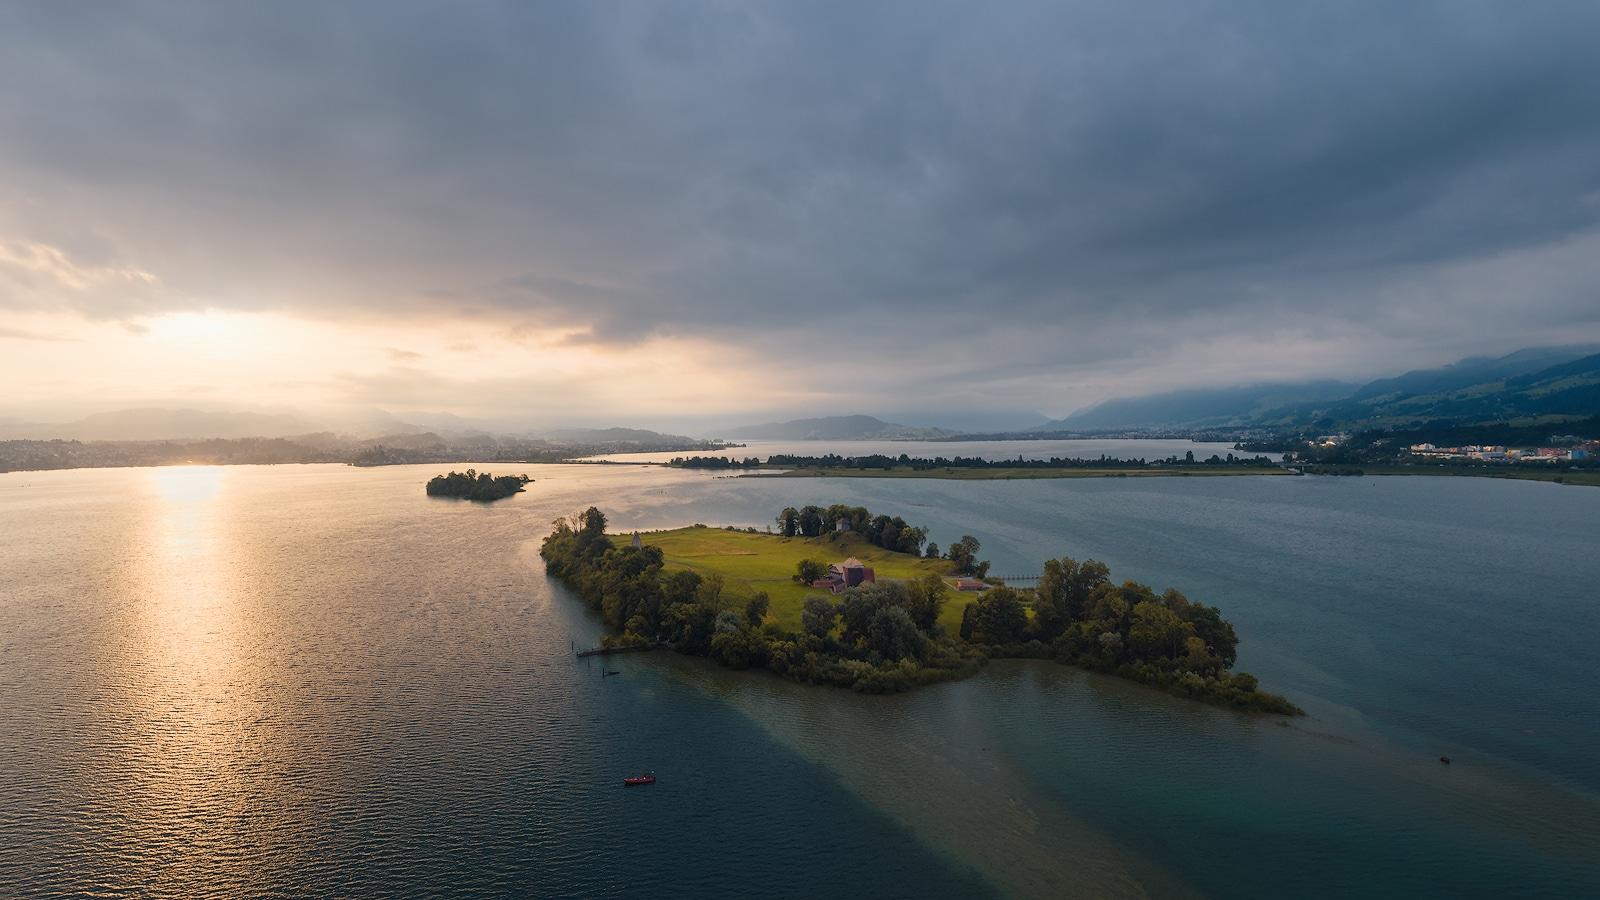 Luftaufnahme eines sommerlichen Sonnenaufgangs hoch über dem Zürichsee mit Blick auf Ufenau, Lützelau, Pfäffikon, Damm, Obrersee, Rapperswil